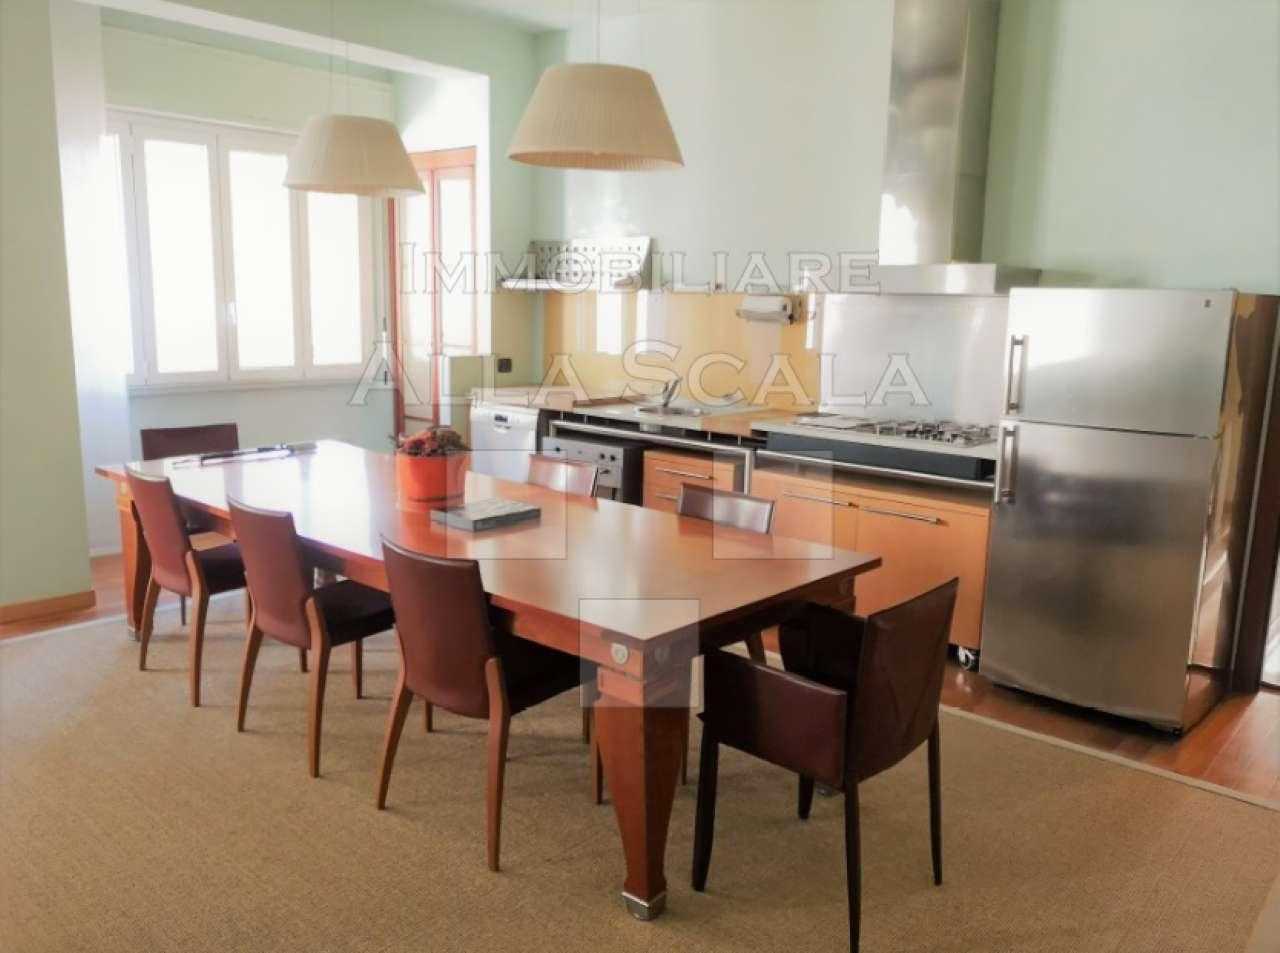 Appartamento in affitto a milano via sant 39 andrea for Appartamento design affitto milano